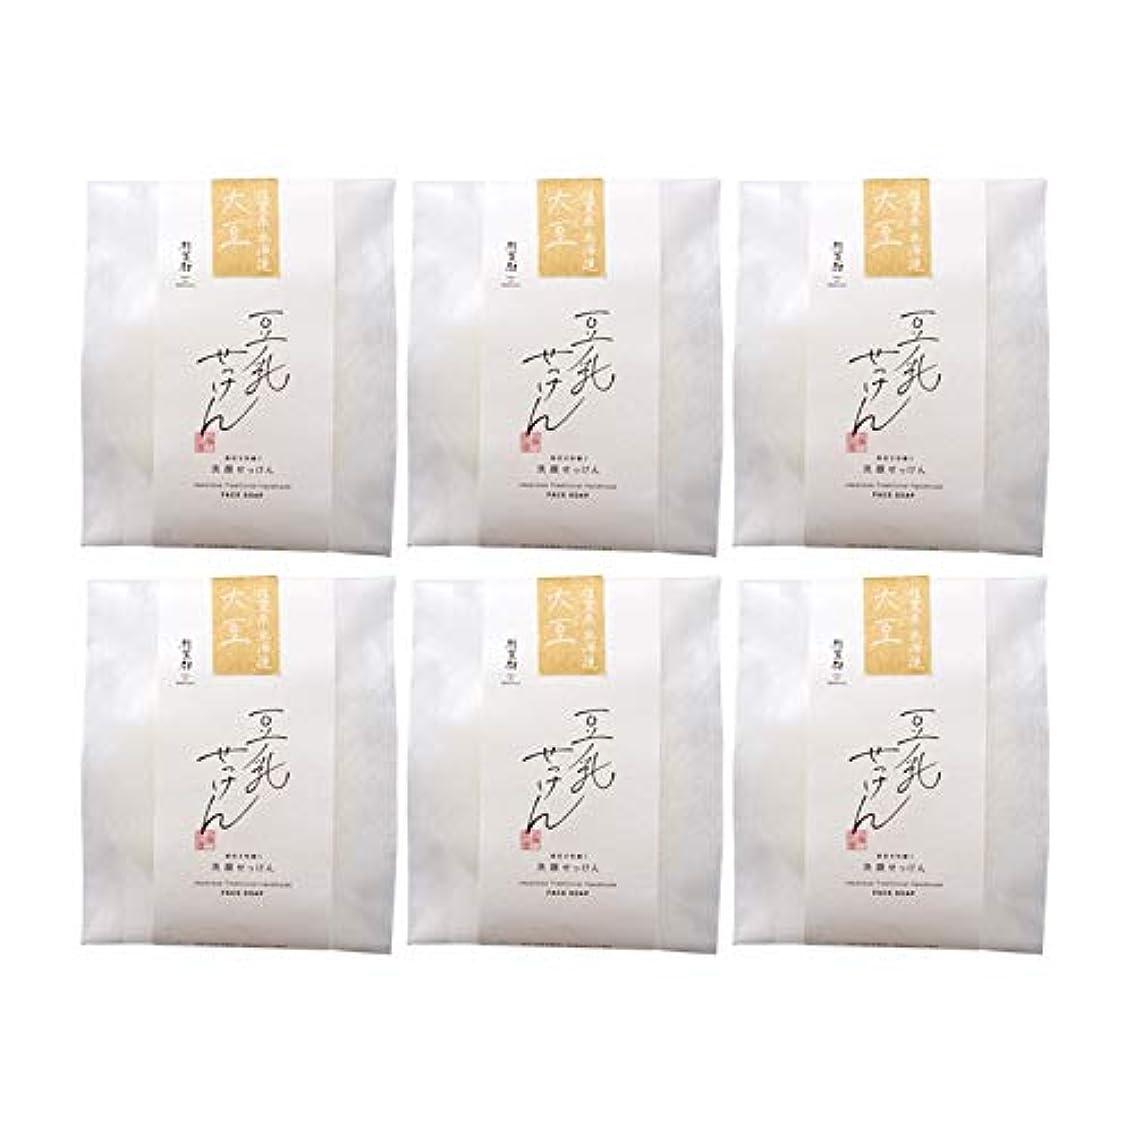 ビーズ幸運どうしたの豆腐の盛田屋 豆乳せっけん 自然生活 100g×6個セット